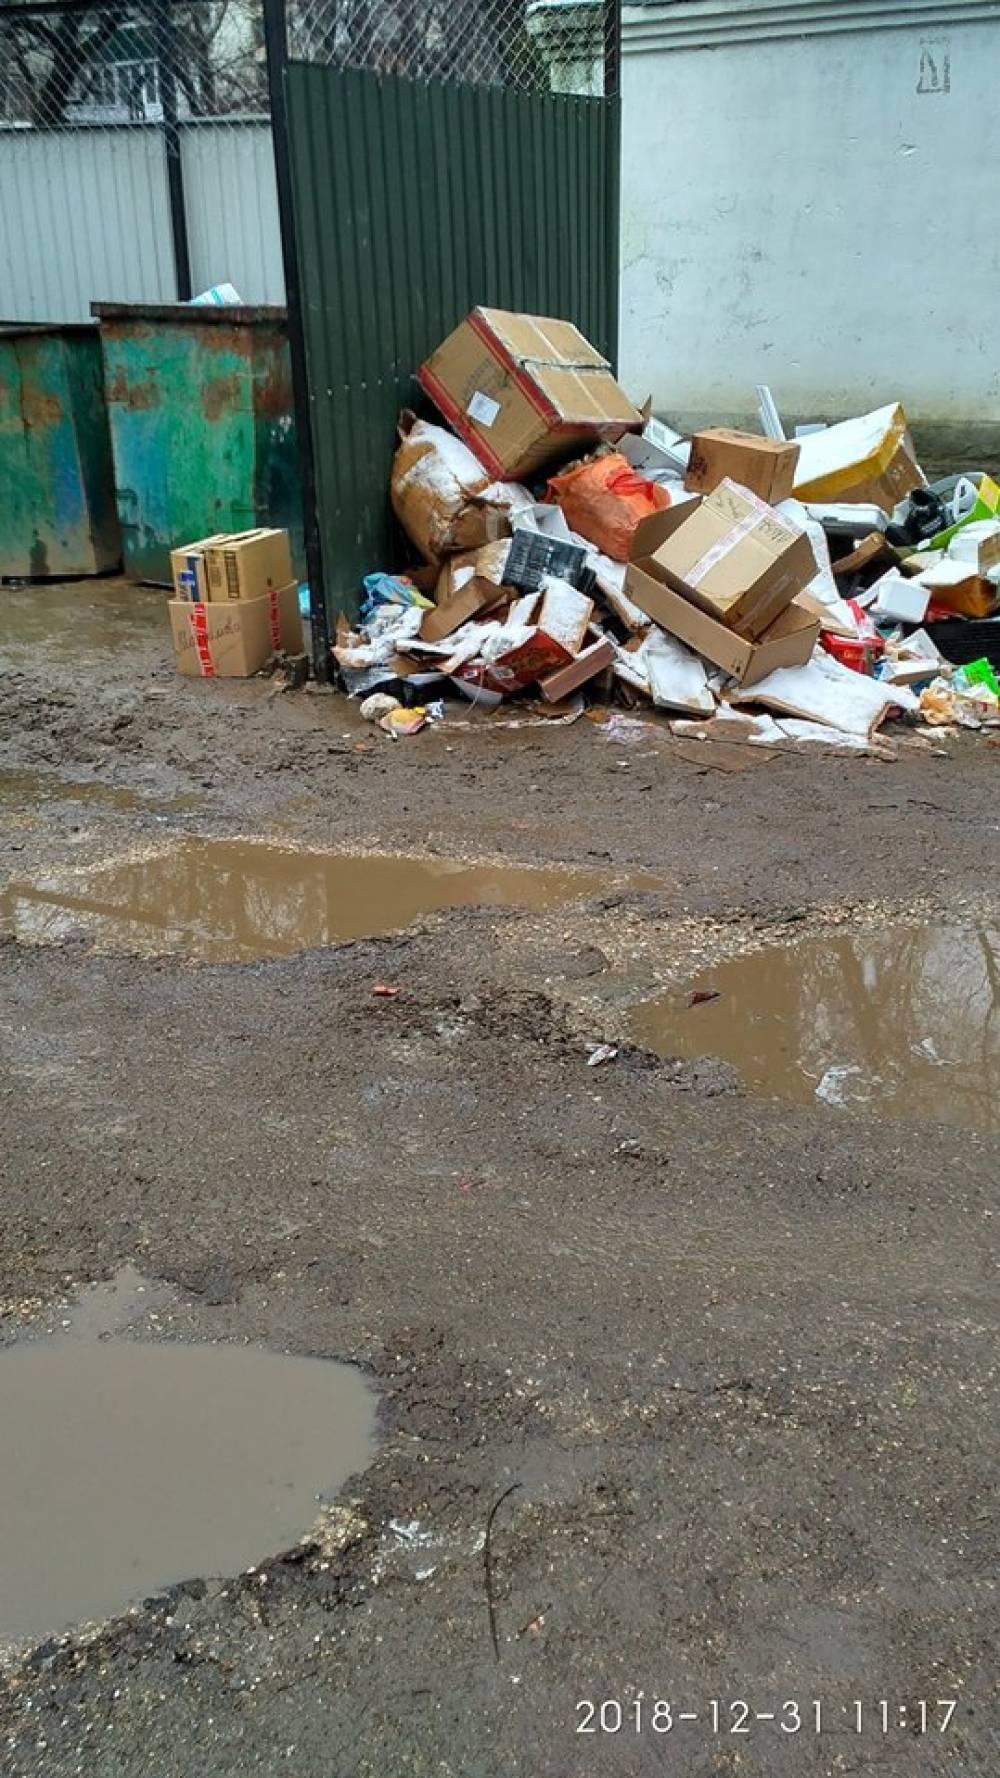 Феодосийский ребус: Как подойти к мусоросборнику, чтобы не испачкаться?